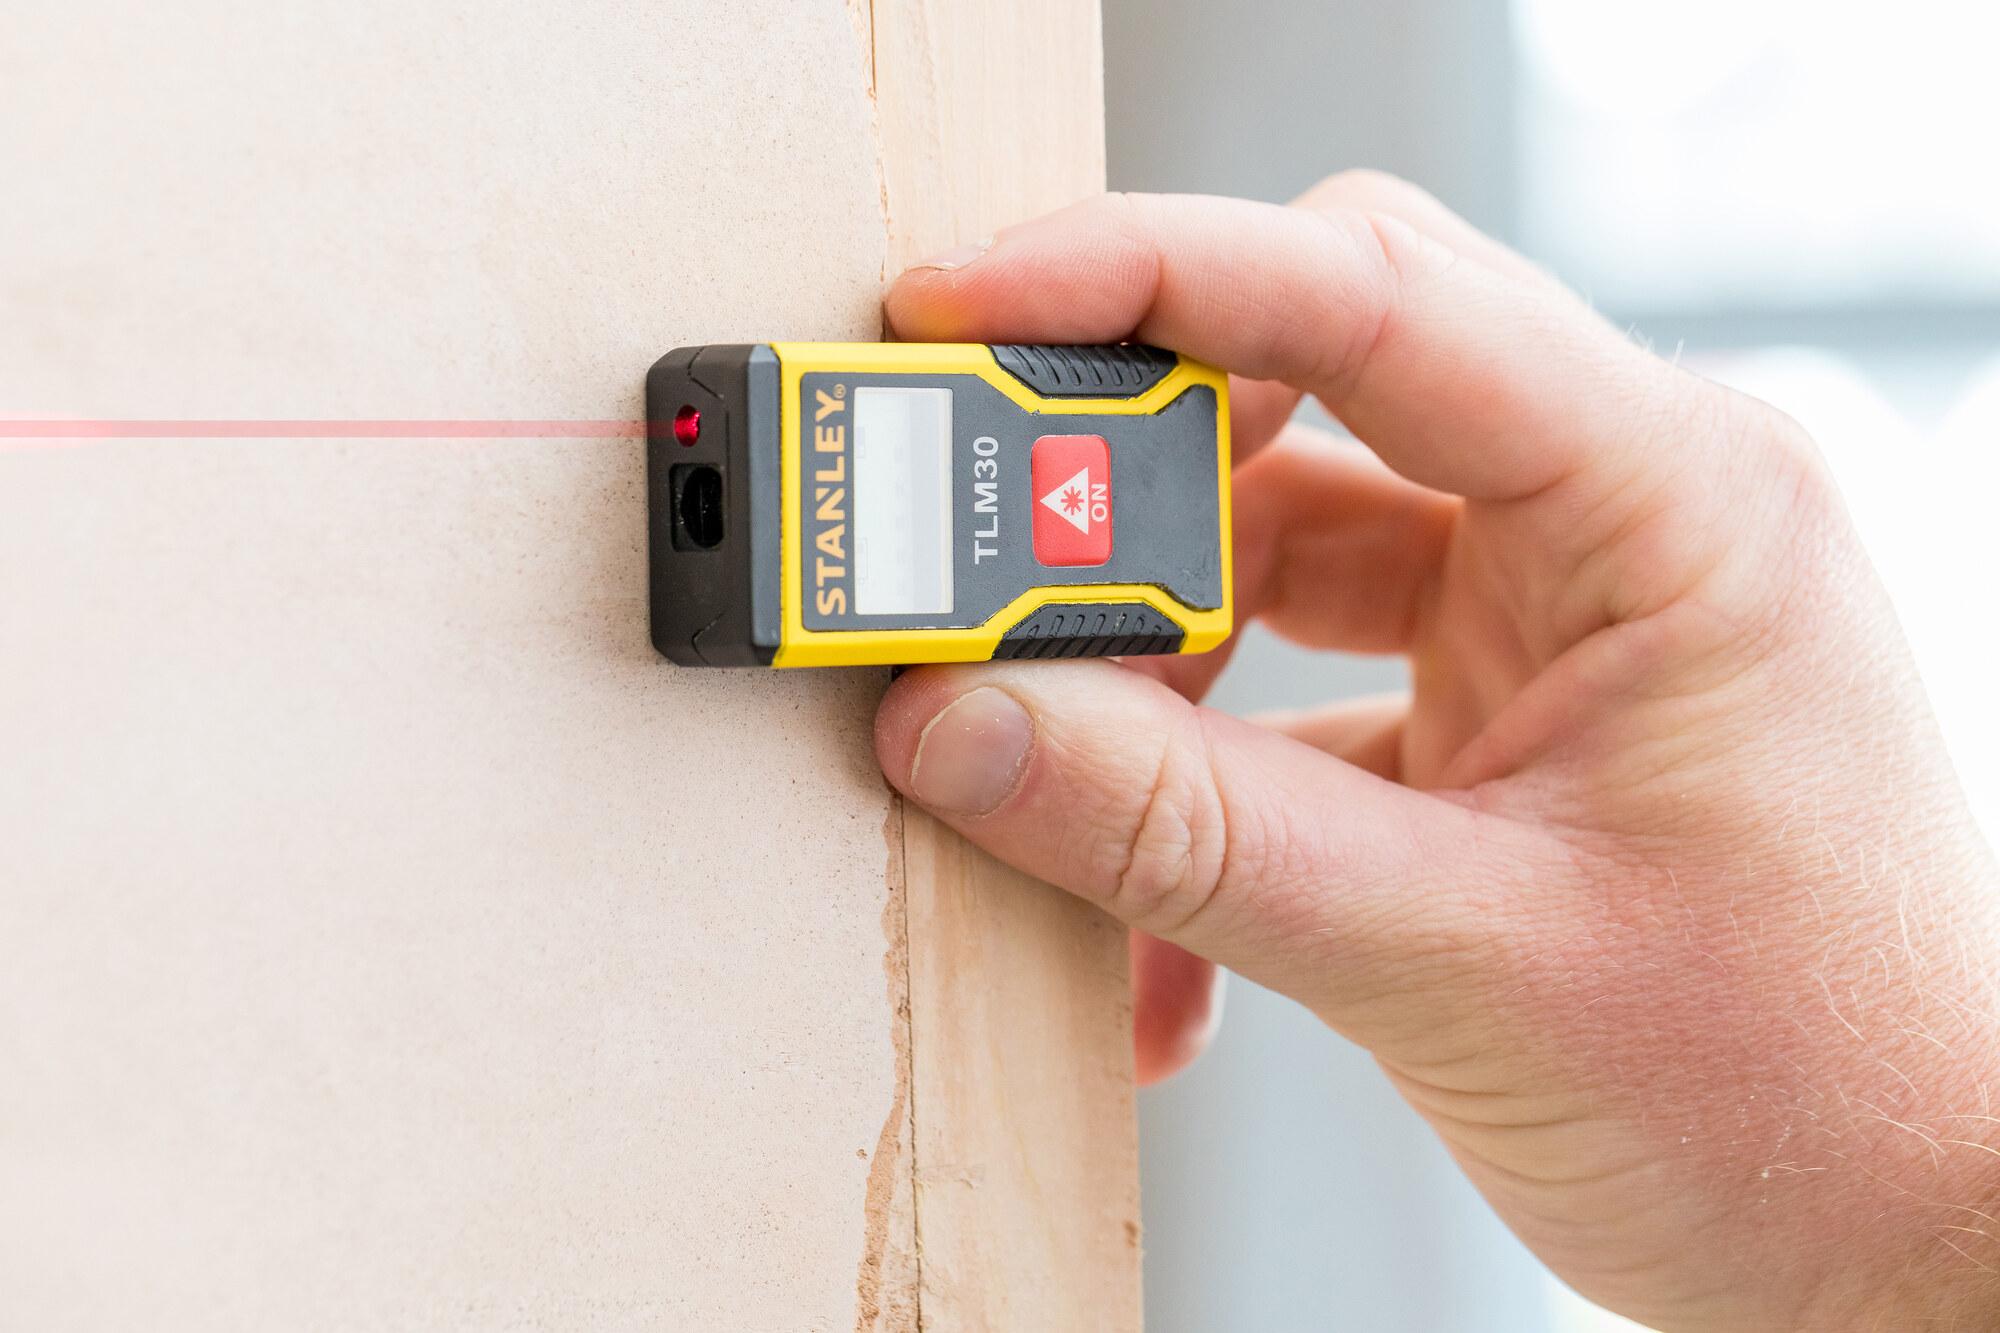 Laser Entfernungsmesser Mit Usb Anschluss : Stanley entfernungsmesser tlm30 bis 9m shop 36% rabatt